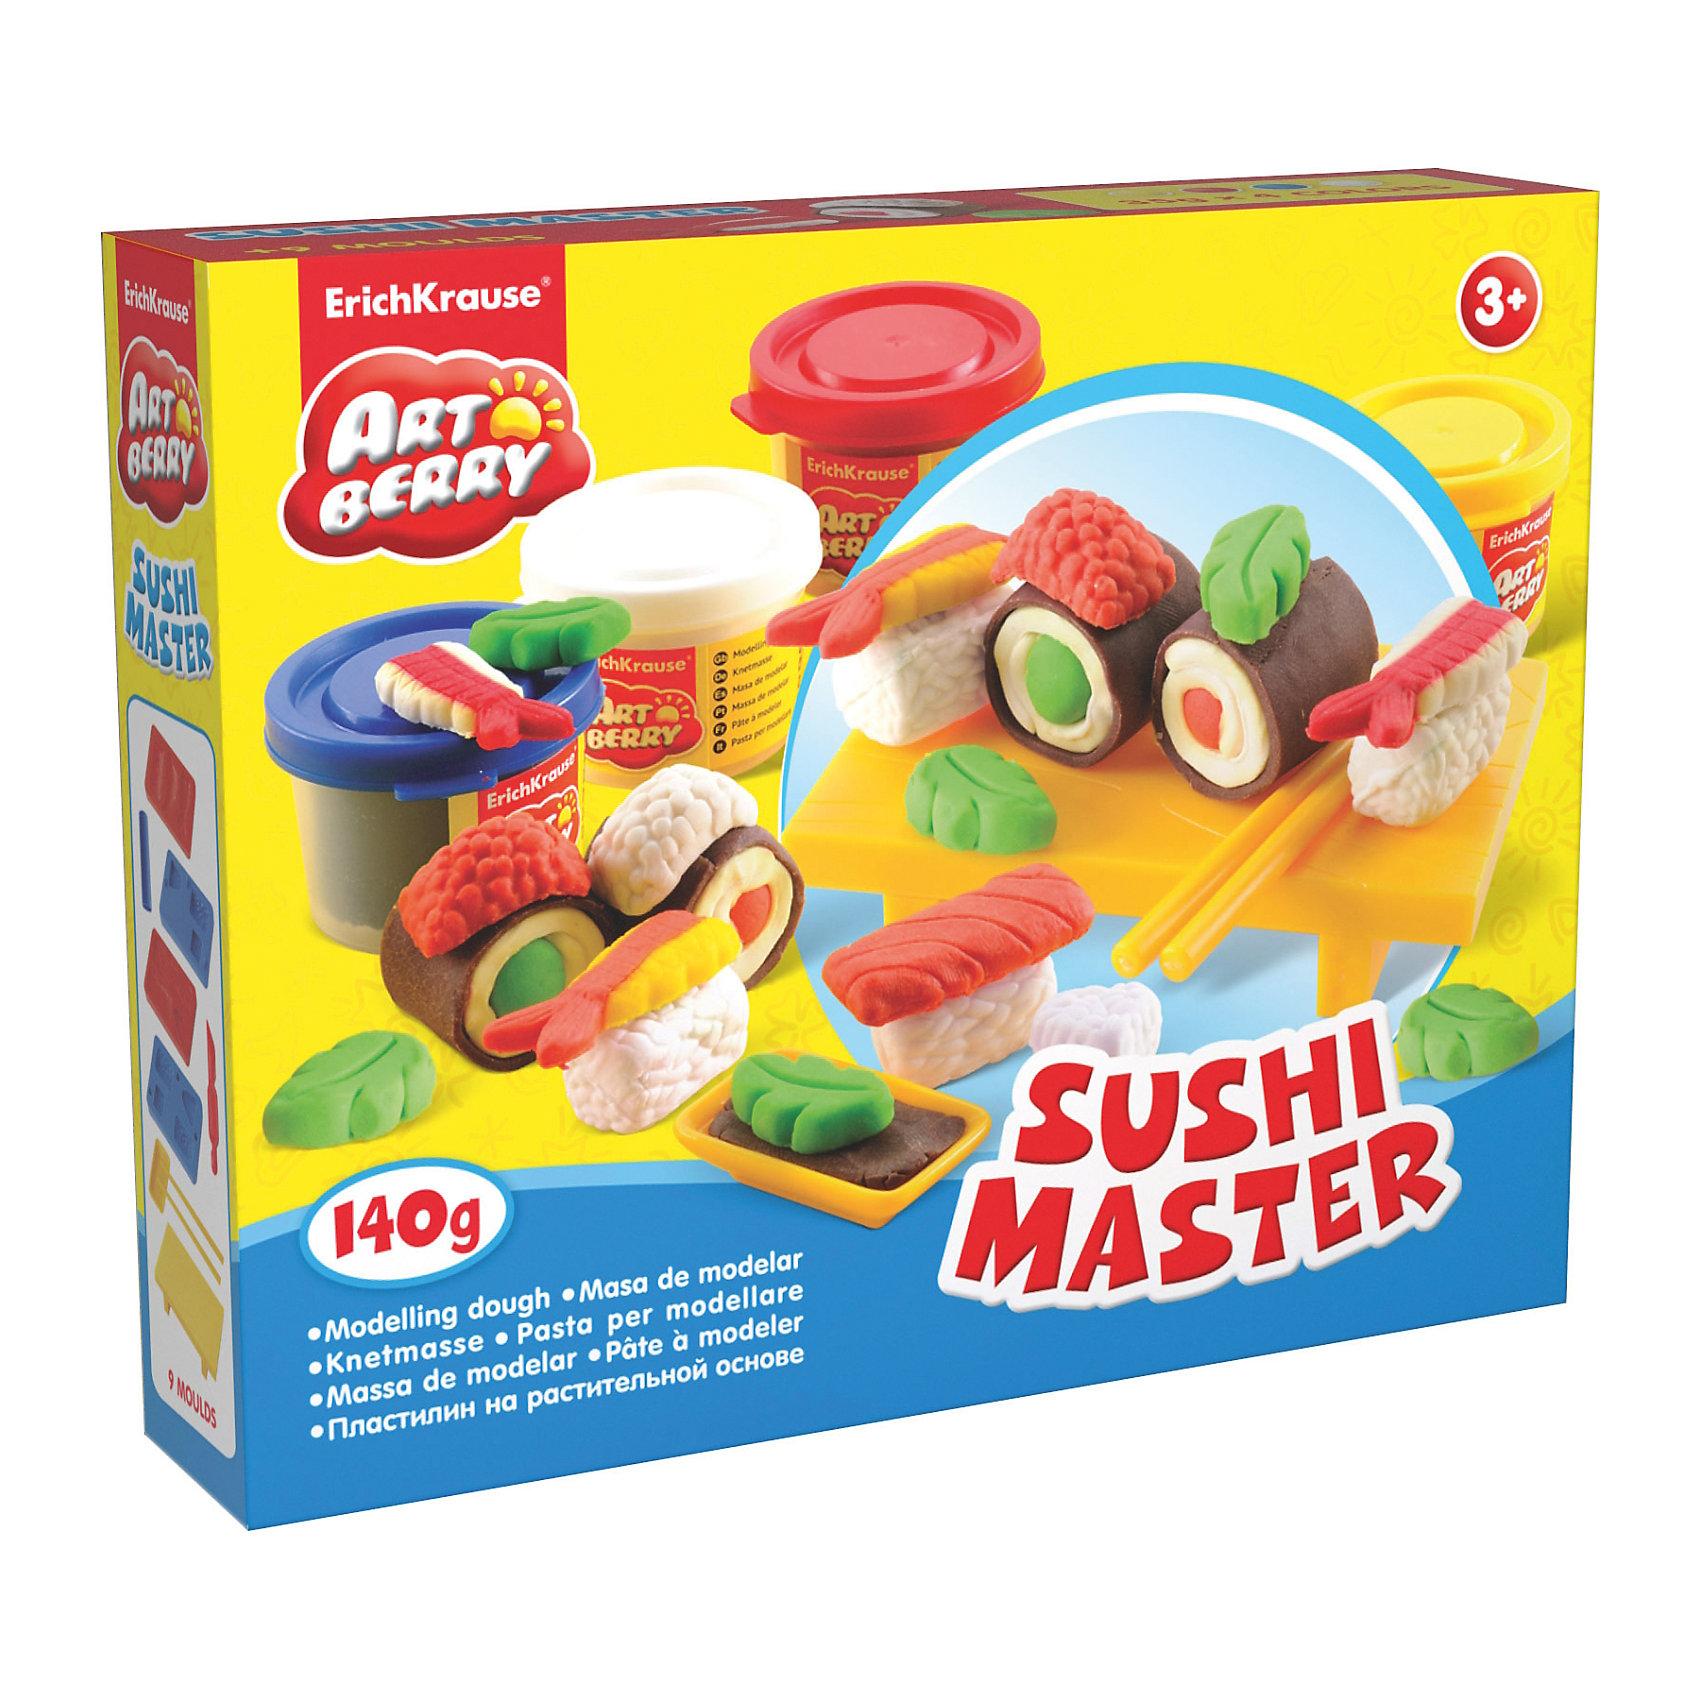 Набор для лепки: Пластилин на растительной основе Sushi Master 4 цвета по 35гСостав: 4 цвета пластилина по 35 г + 4 формы-трафарета для лепки, скалка, стек, палочки, 2 подставки Упаковка: картонная коробка в термоплёнке<br><br>Ширина мм: 253<br>Глубина мм: 200<br>Высота мм: 52<br>Вес г: 430<br>Возраст от месяцев: 60<br>Возраст до месяцев: 216<br>Пол: Унисекс<br>Возраст: Детский<br>SKU: 3293872